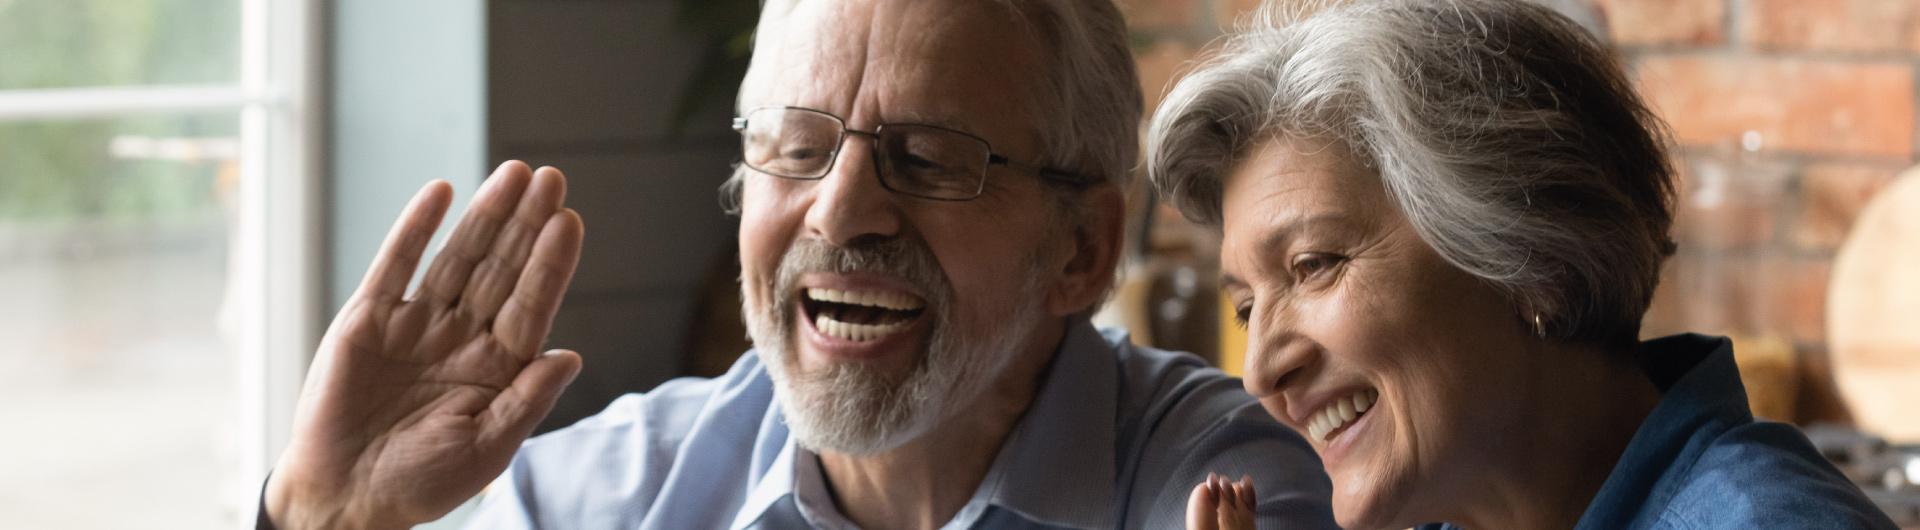 Curso Gerontología: Envejecimiento y Adaptabilidad del Entorno